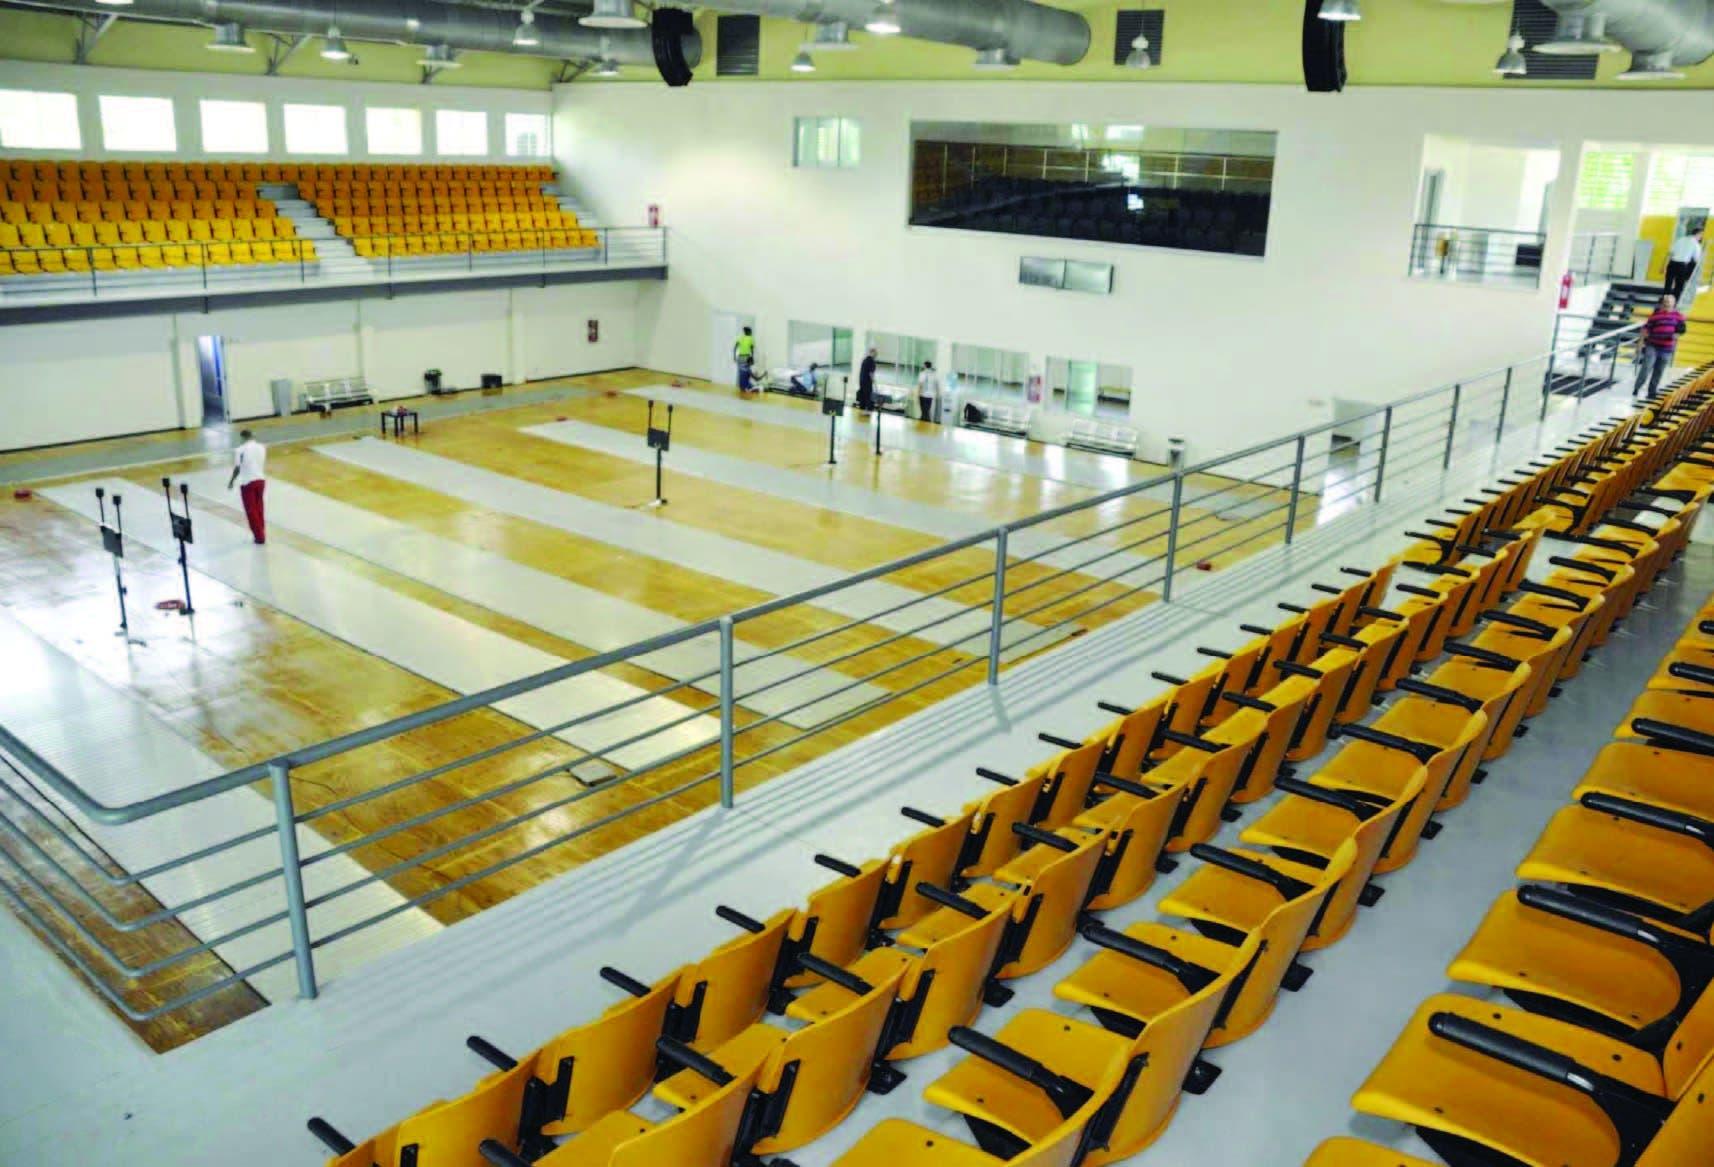 Pabellón de Esgrima una instalación en excelentes condiciones